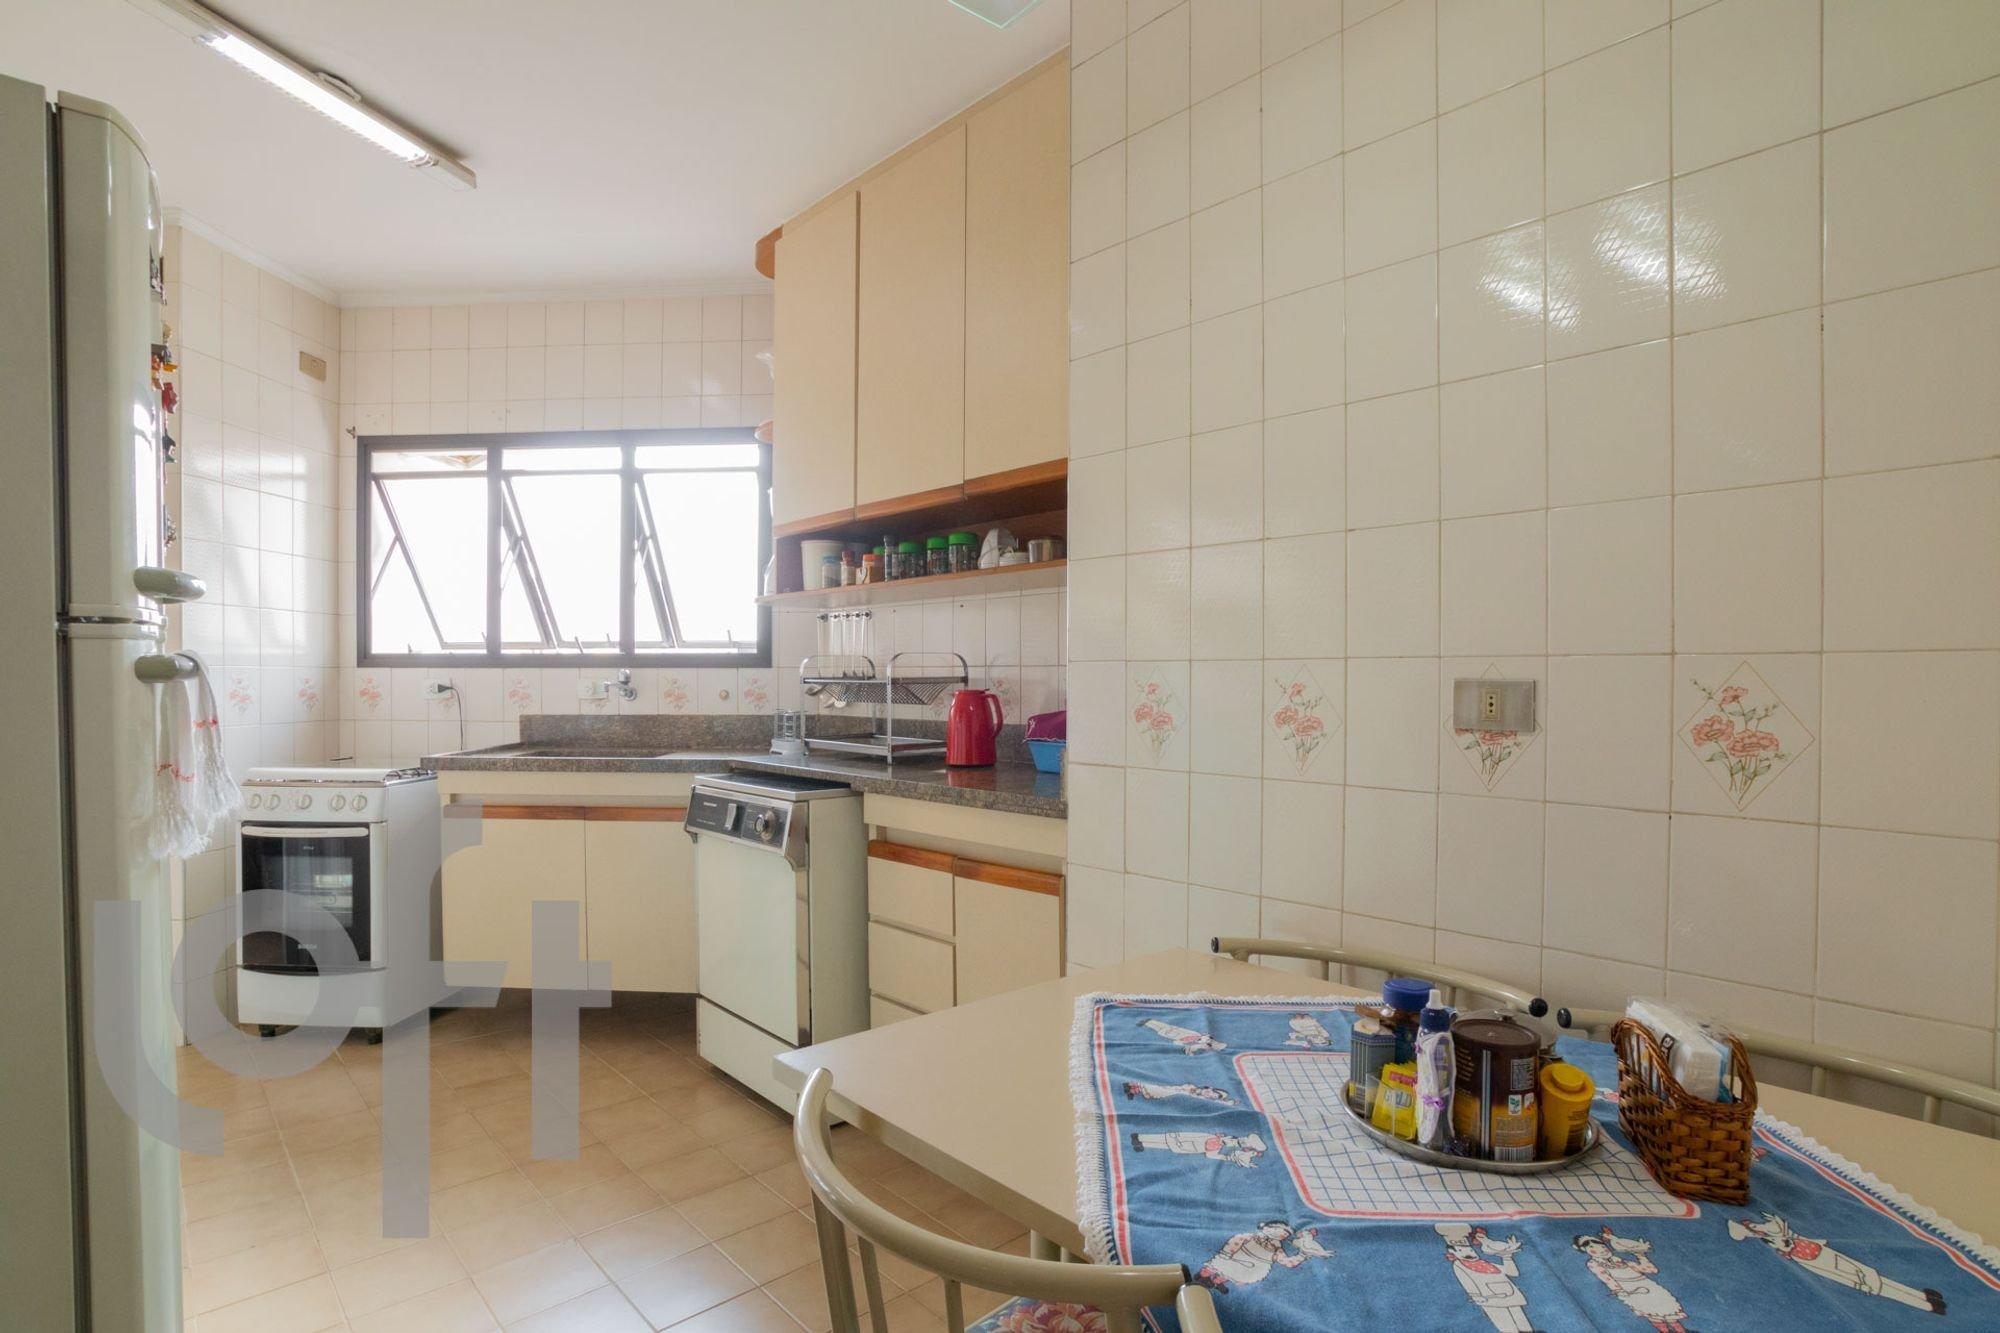 Foto de Cozinha com cadeira, garrafa, mesa de jantar